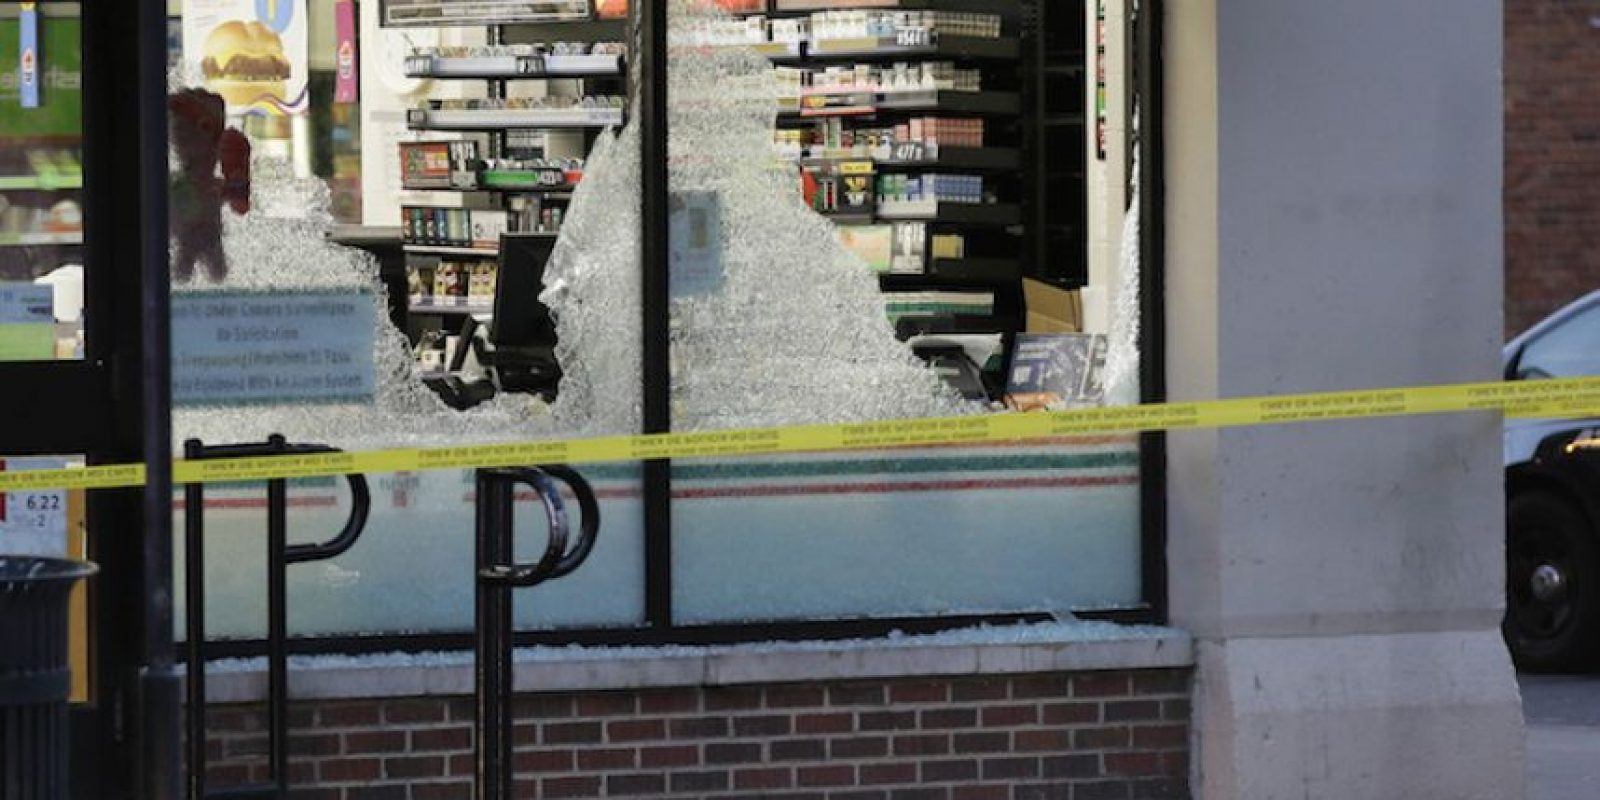 La policía acordona la zona en donde hubo un tiroteo en el centro de Dallas el viernes 8 de julio de 2016. Foto:AP. Imagen Por: